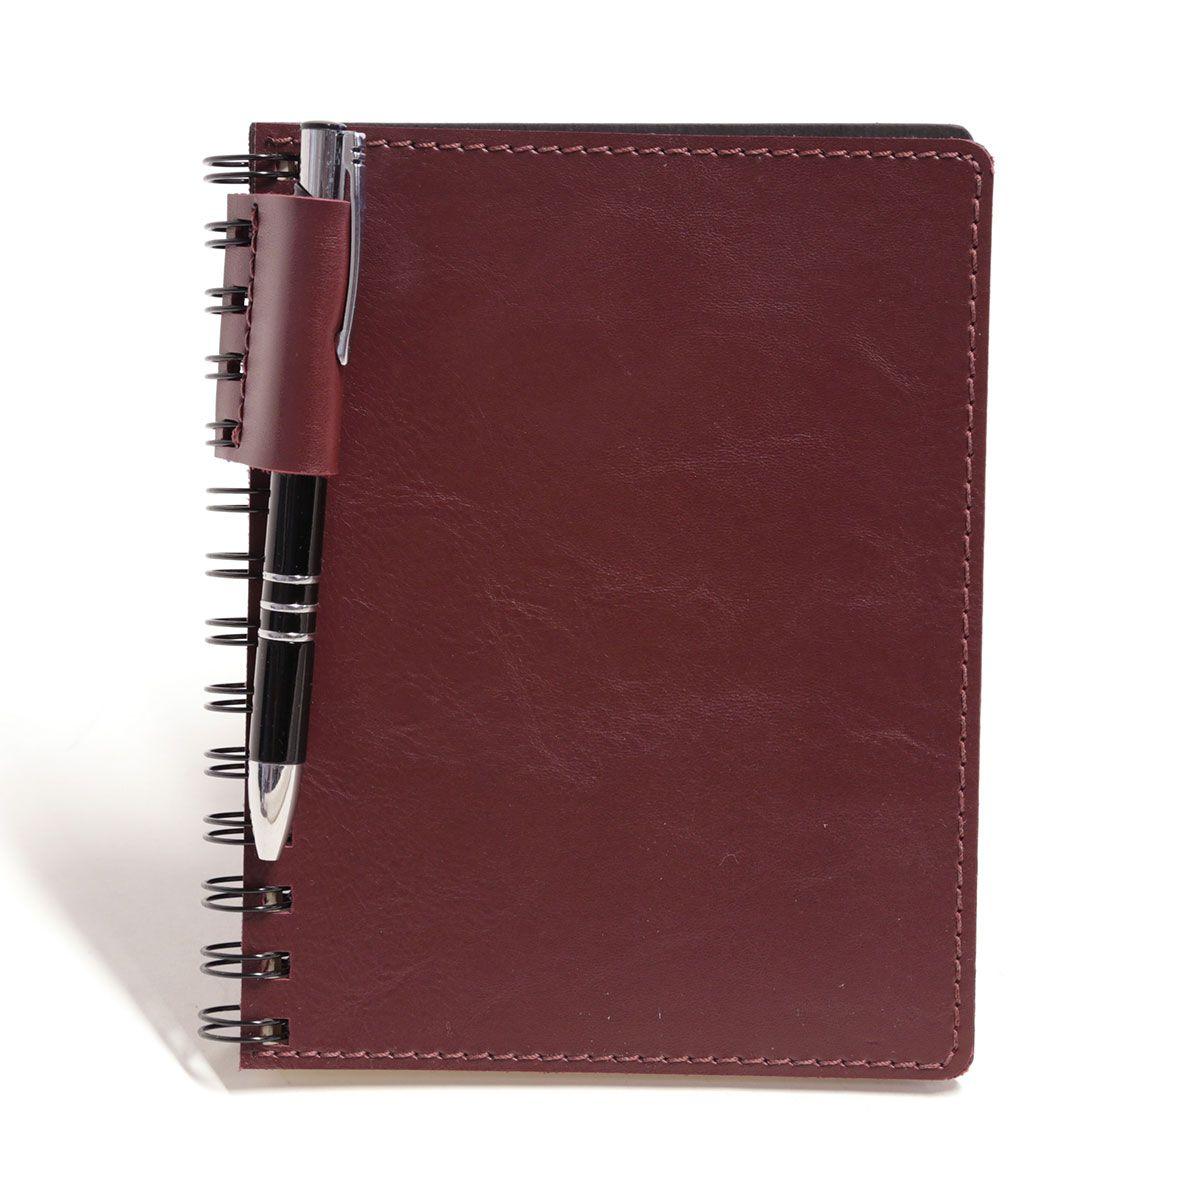 Caderno wire-o com caneta (Montana Bordô)